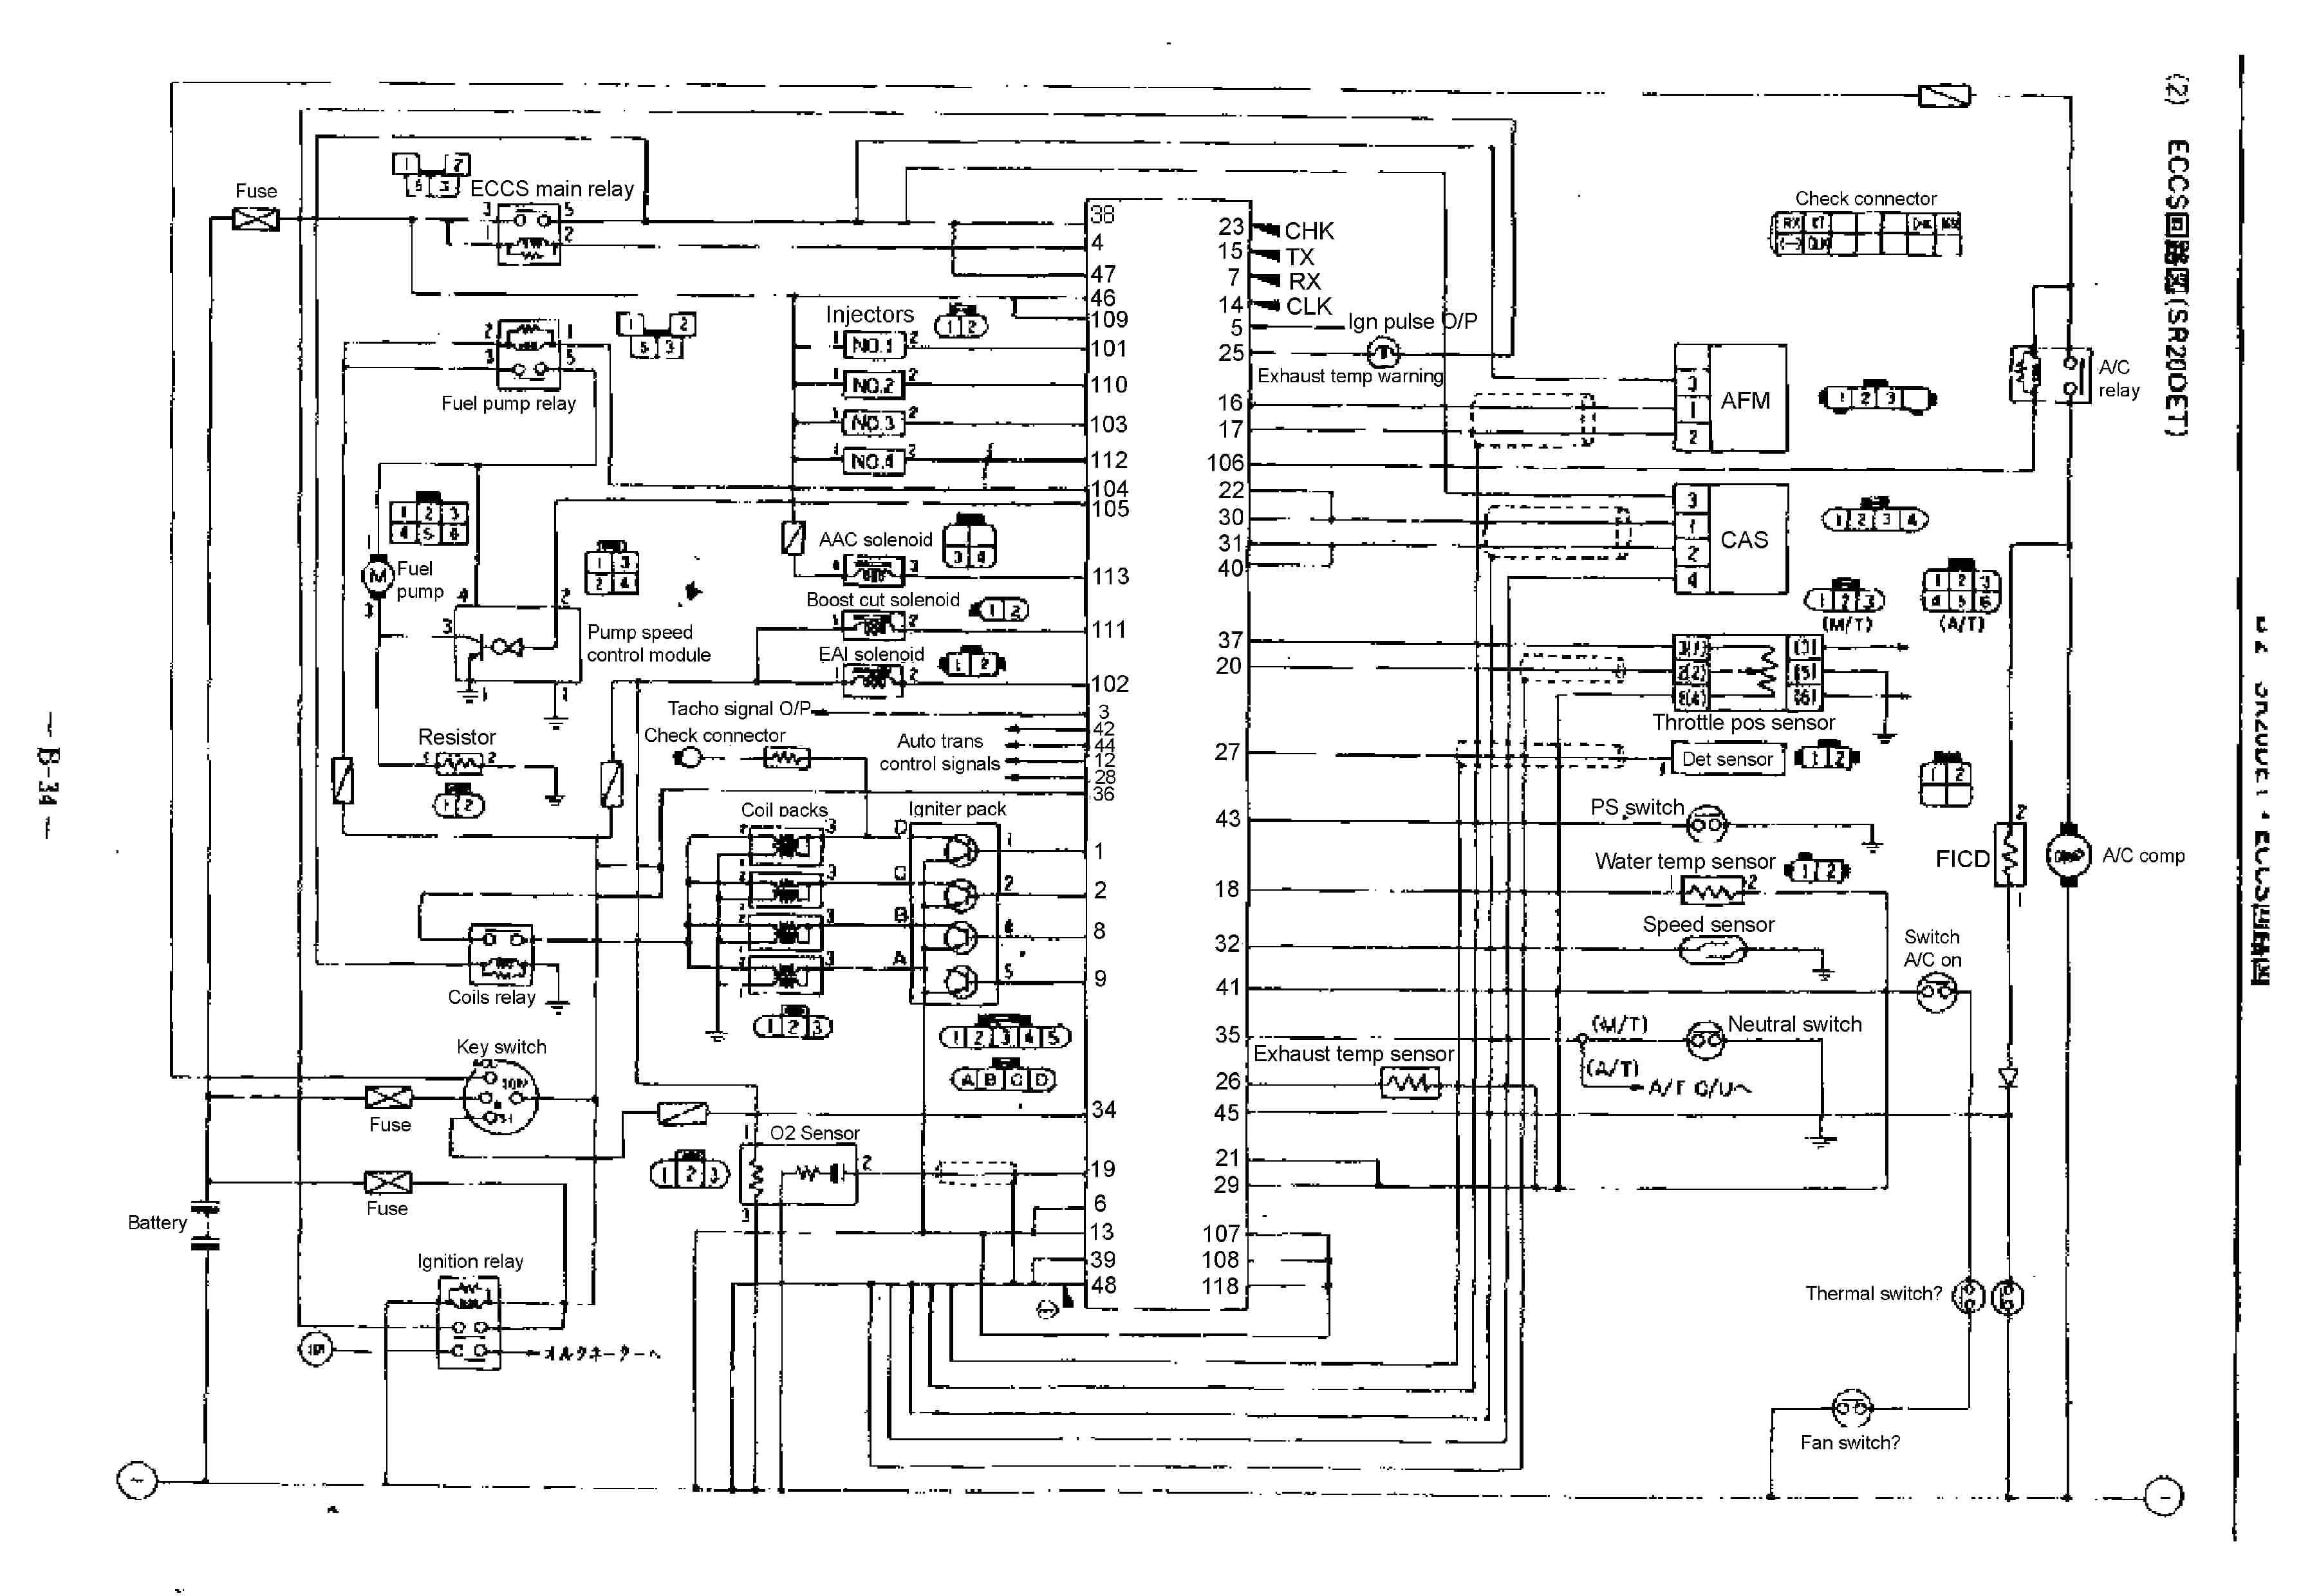 2005 Nissan Altima Engine Diagram Nissan Wiring Diagrams Of 2005 Nissan Altima Engine Diagram